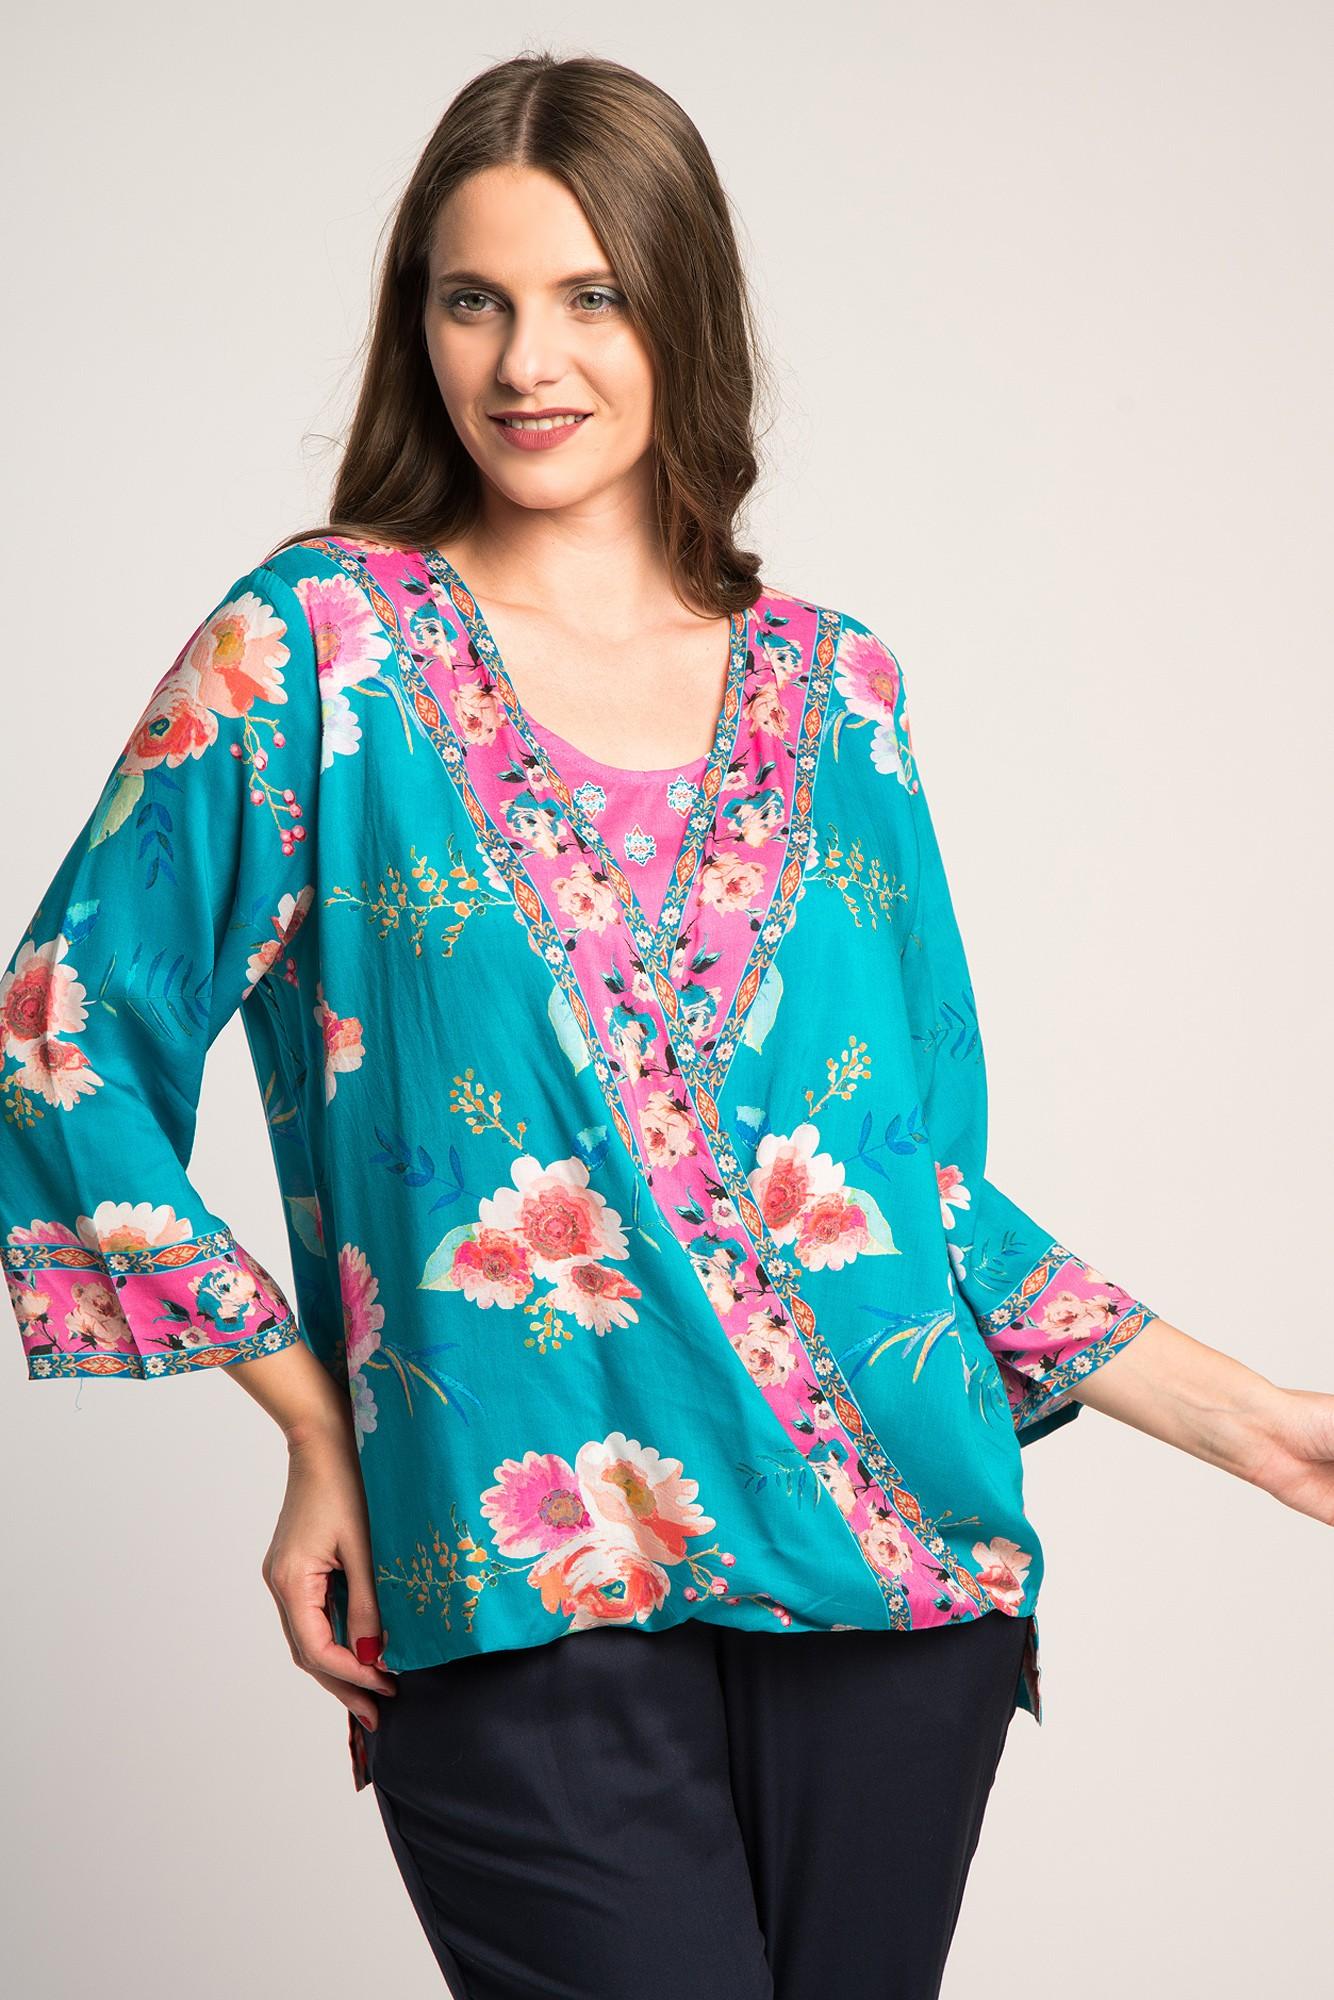 Bluza asimetrica imprimeu floral multicolor